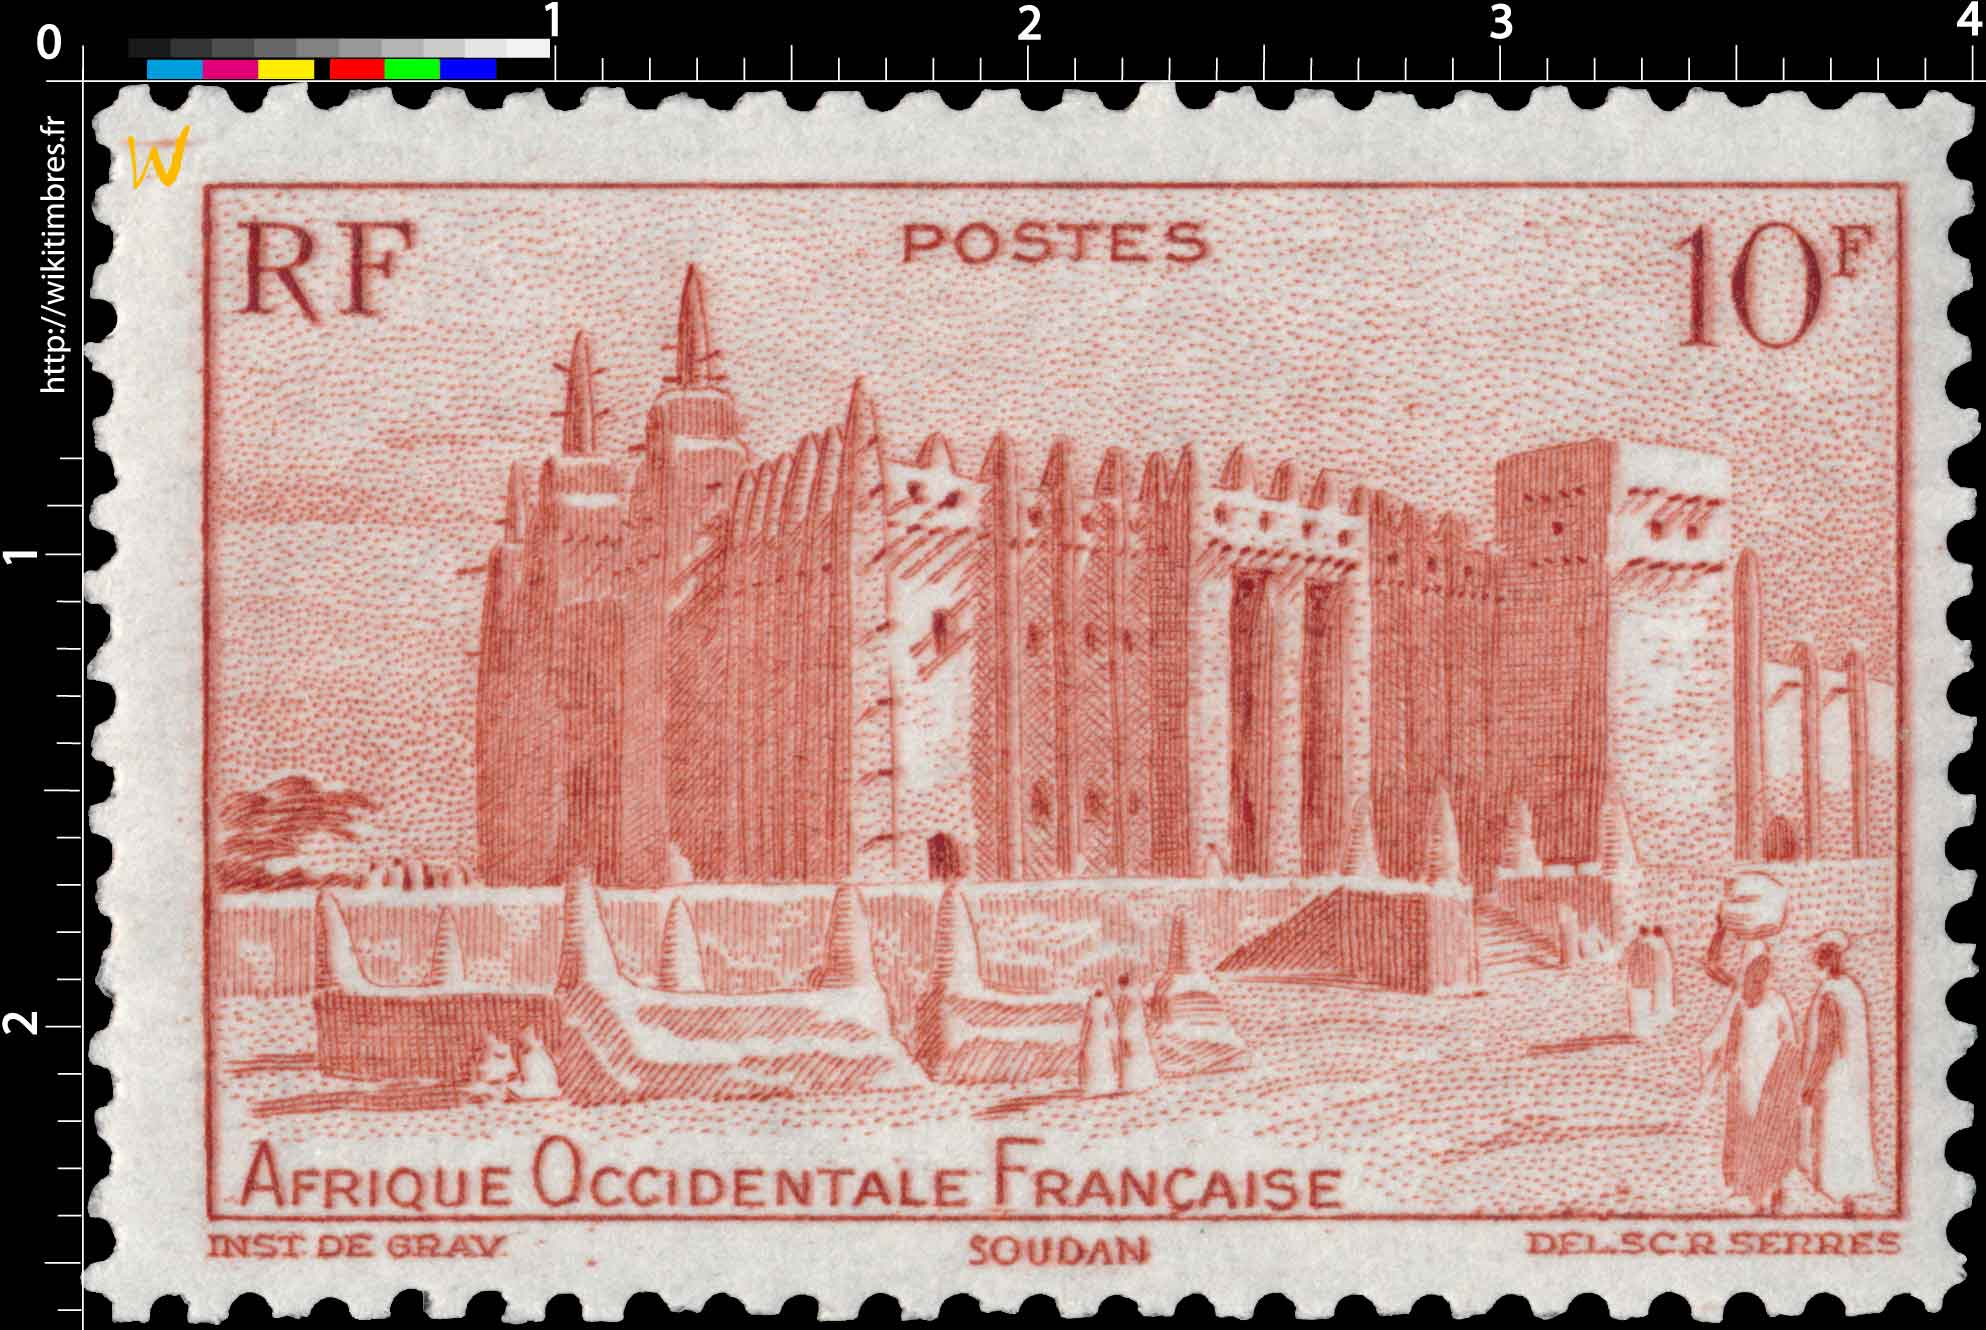 Afrique Occidentale Française - Soudan